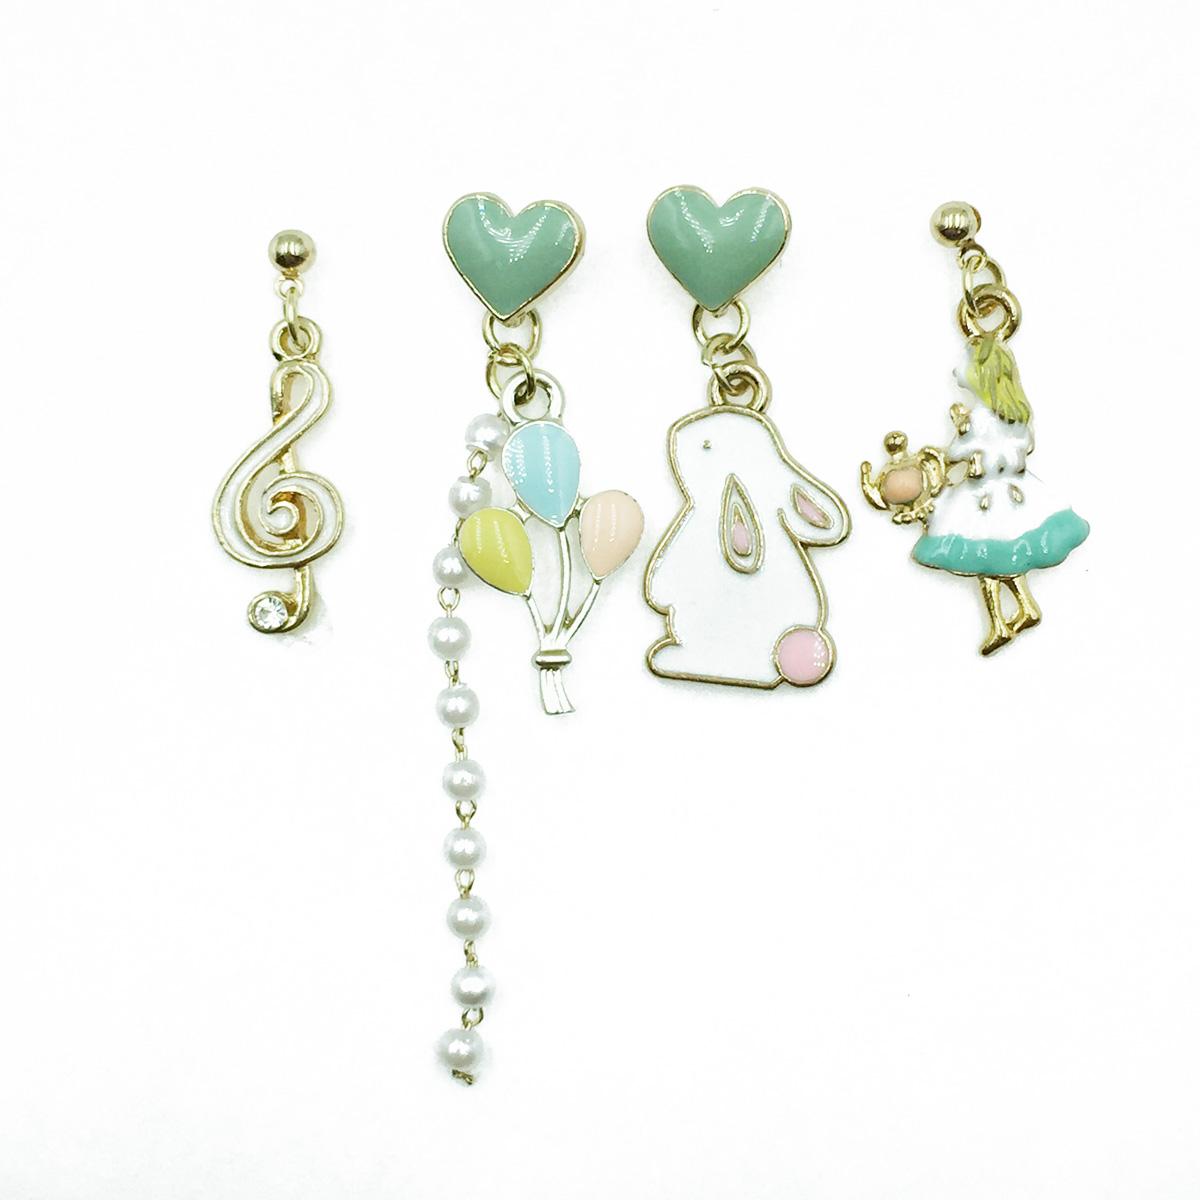 韓國 愛麗絲 兔子先生 氣球音符 愛心 珍珠 四入組 耳針式耳環